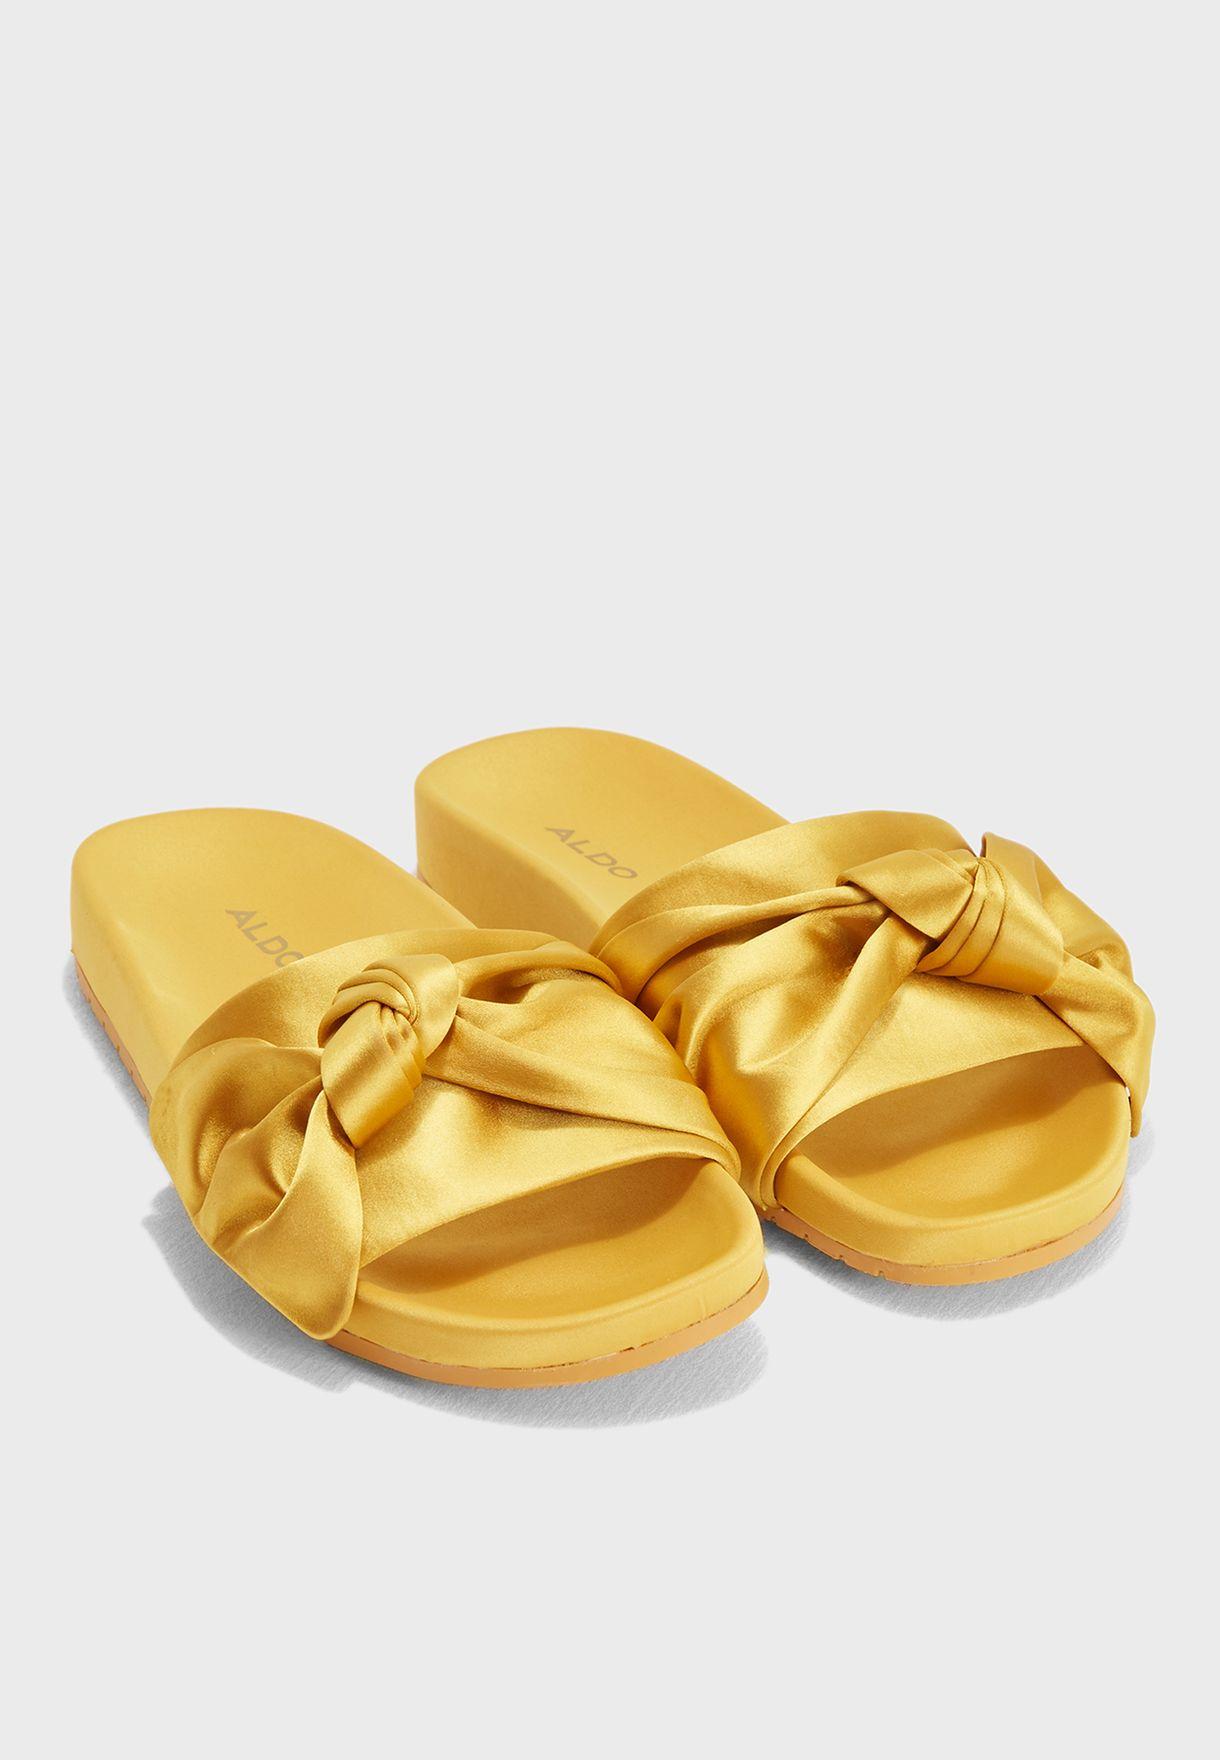 db5871f1ade8 Shop Aldo yellow Cadacly Flat Sandal CADACLYA69 for Women in Qatar ...